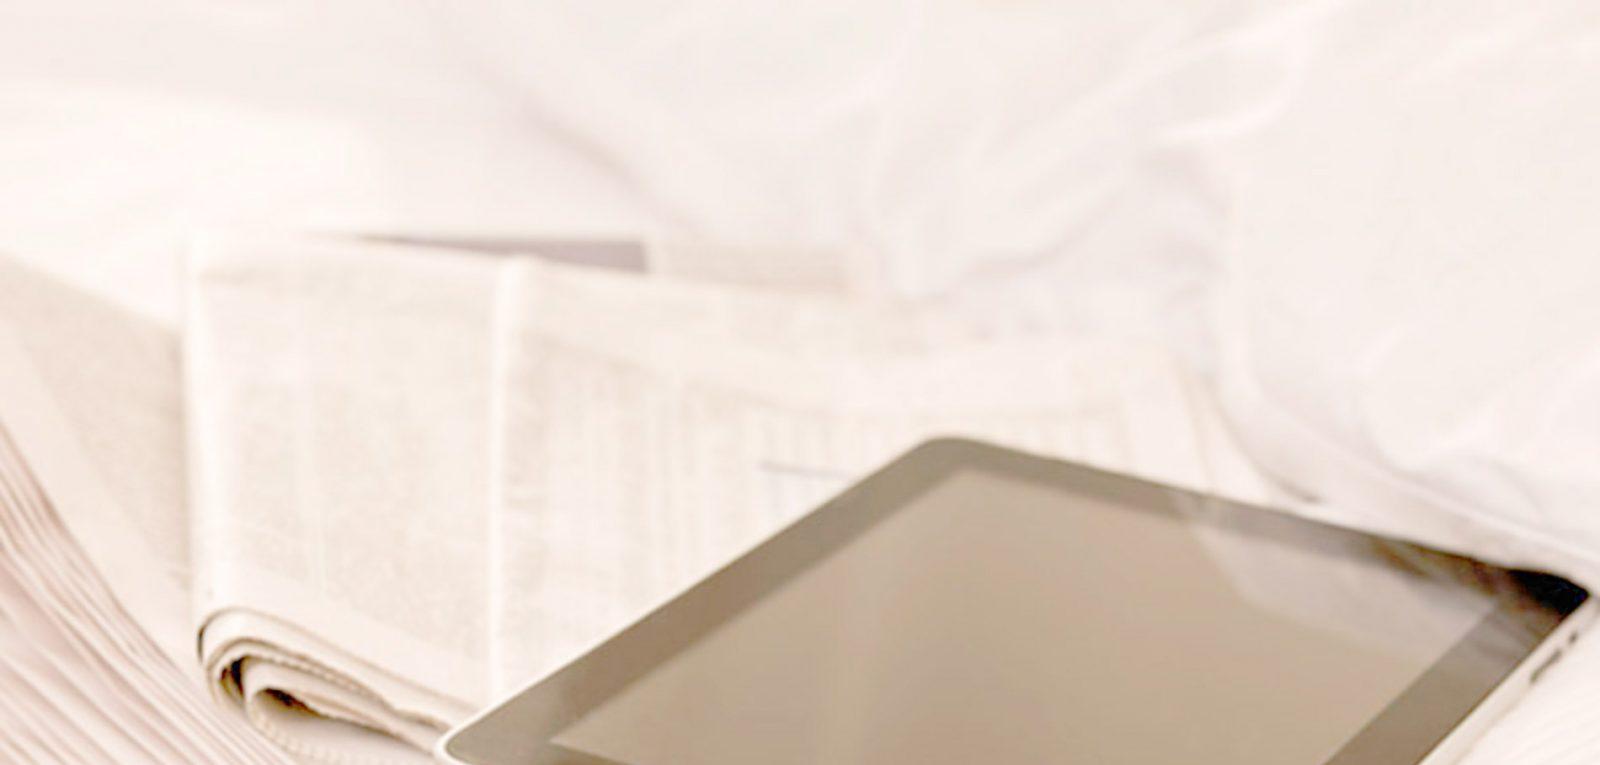 7ème journée de la presse en ligne : la presse, un secteur d'avenir !